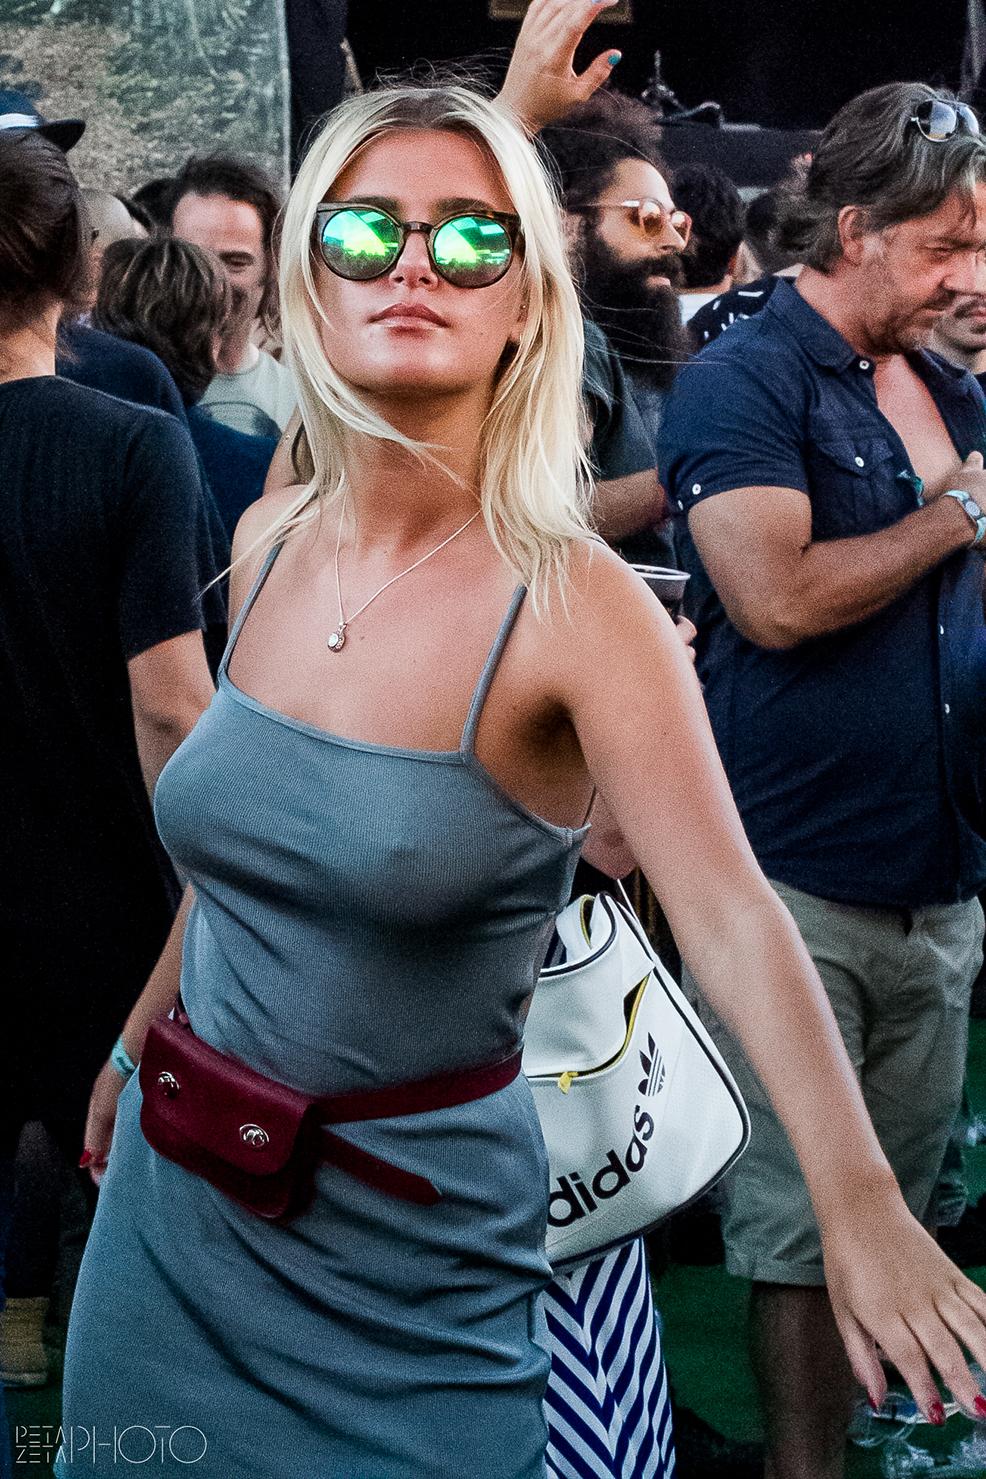 El Street Style de Sónar 2016